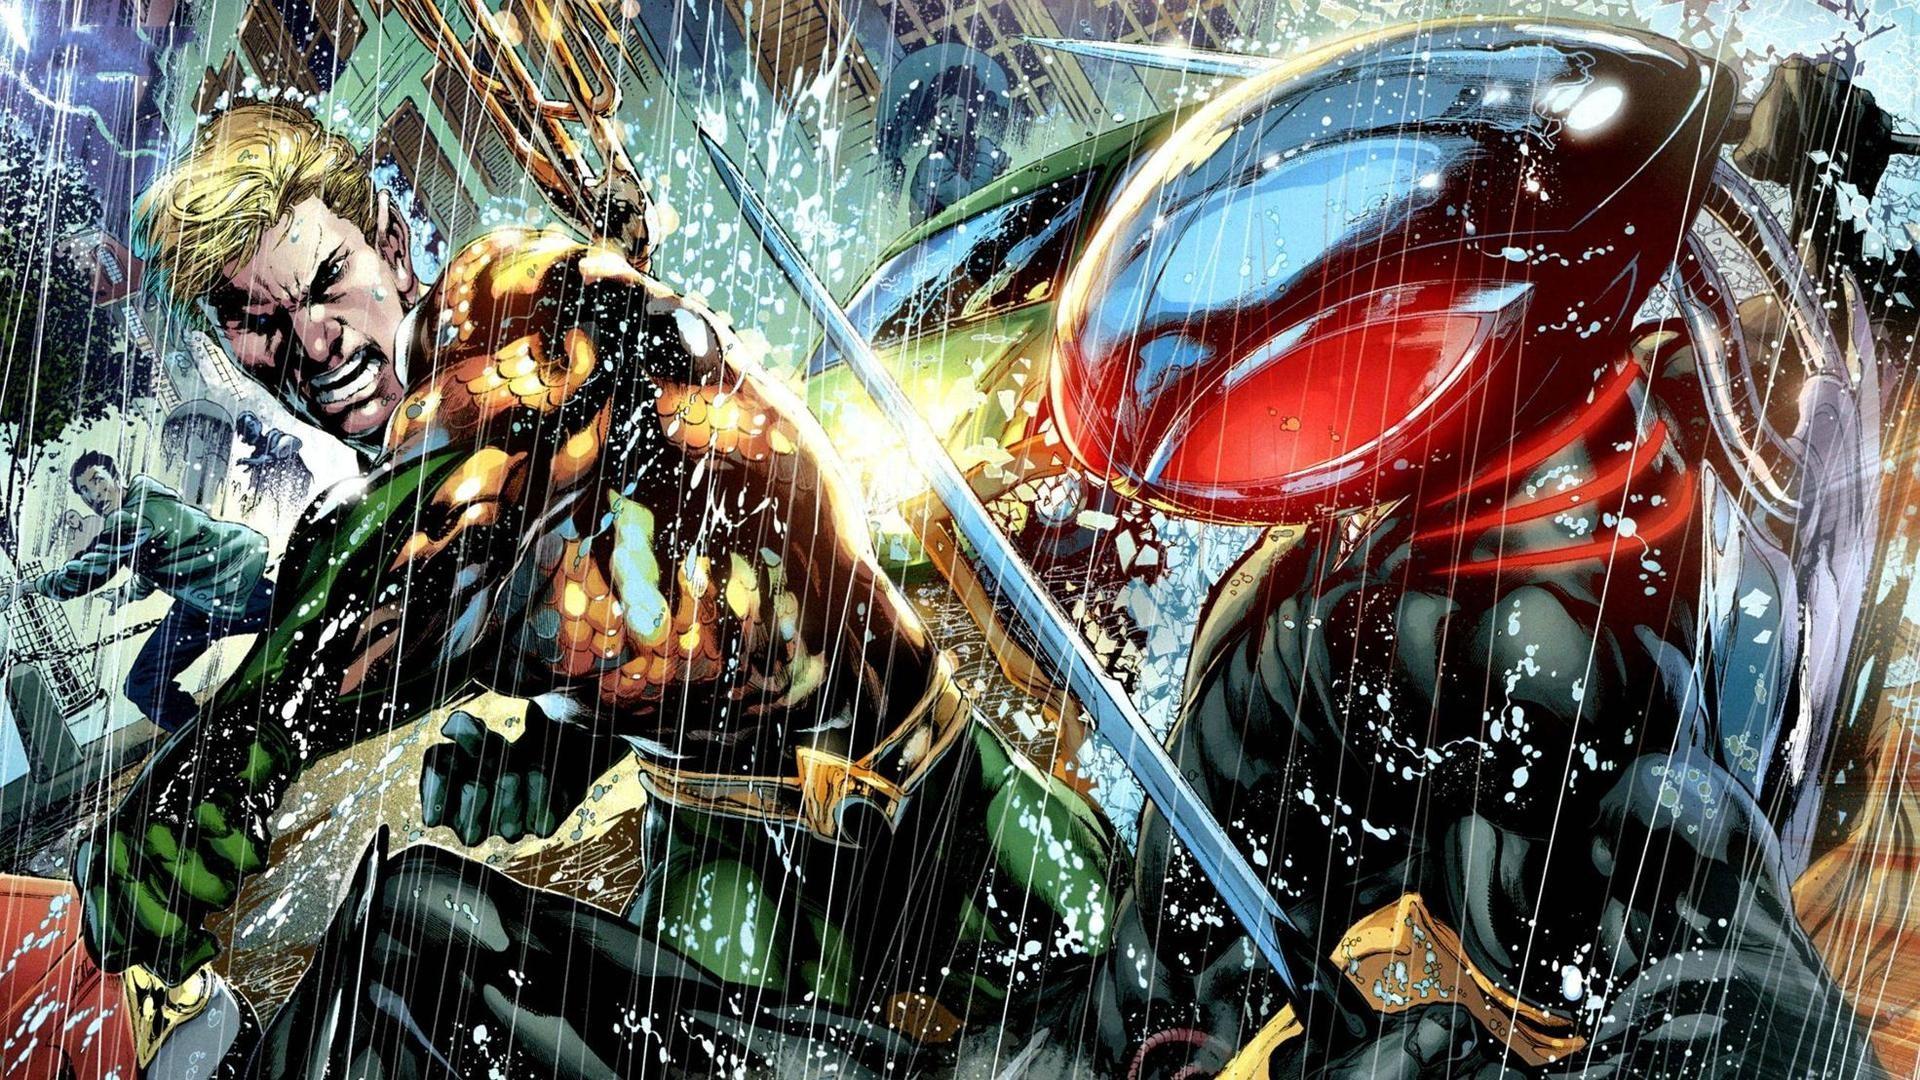 Aquaman Wallpaper 71 Pictures